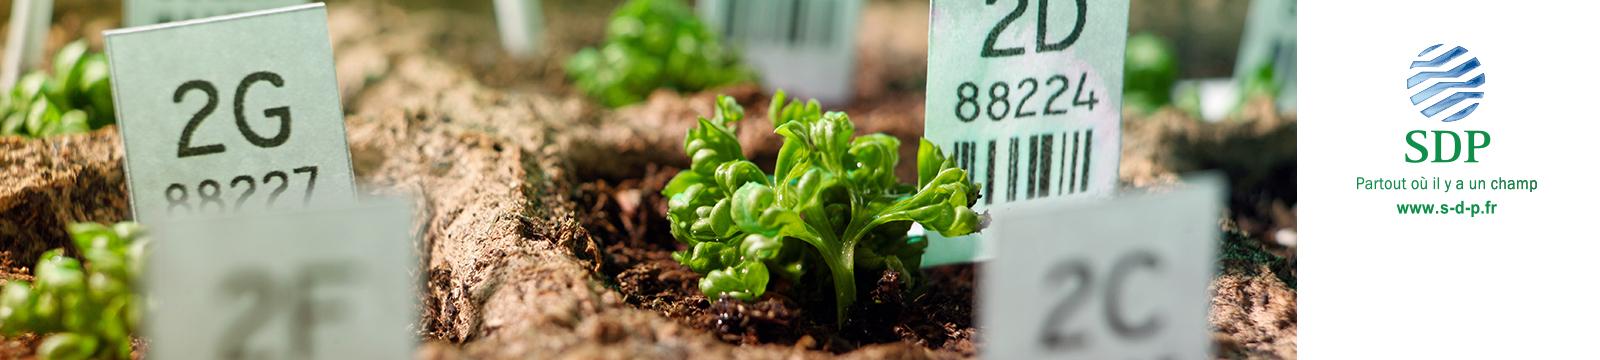 Tradecorp / Sapec Agro Business acquisisce la società francese SDP